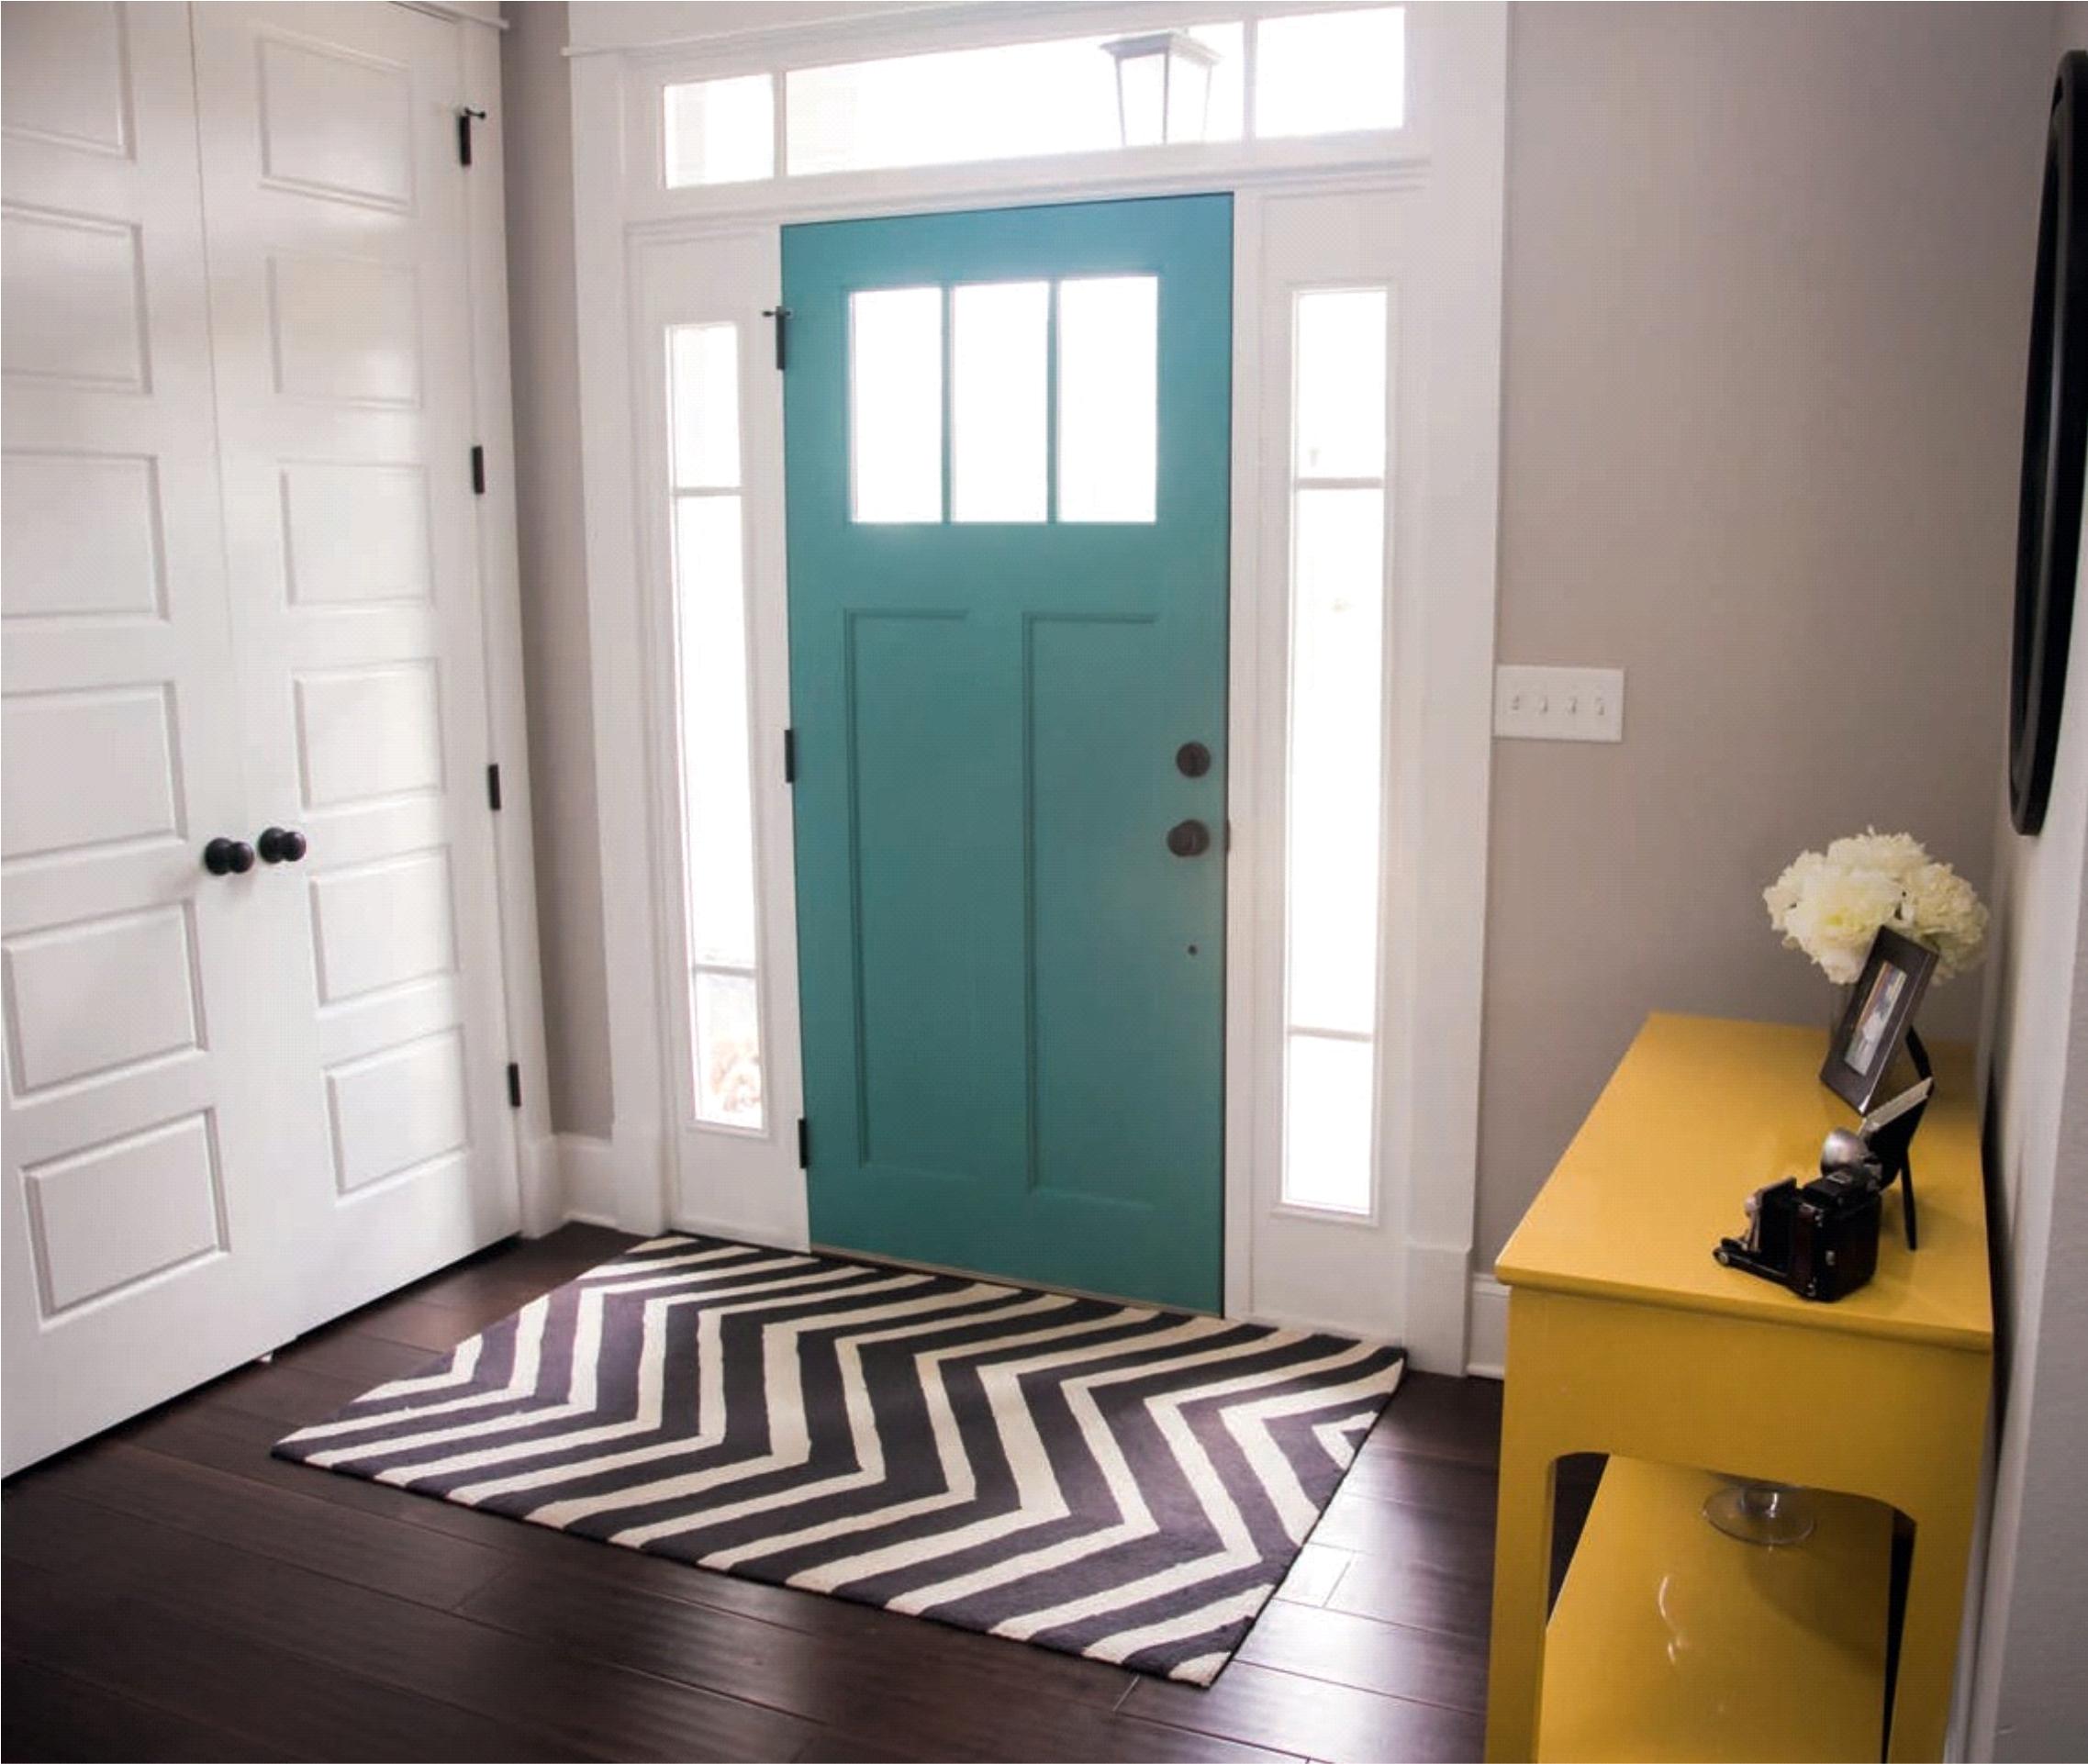 drzwi-odnowa